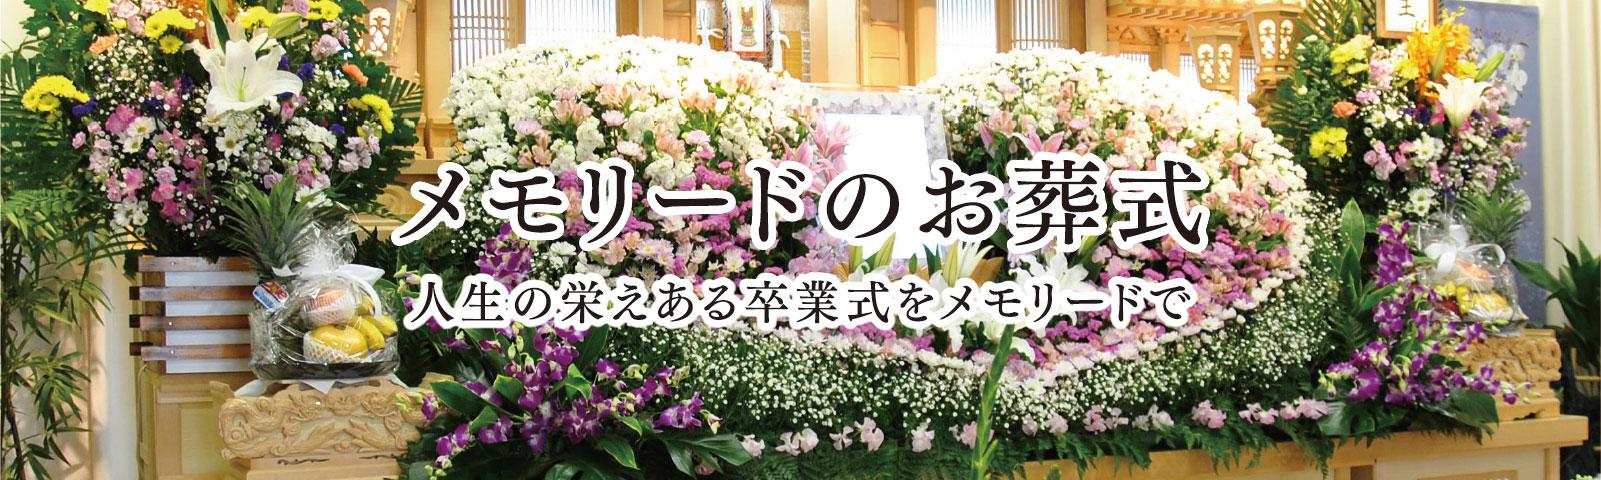 メモリードのお葬式人生の栄えある卒業式をメモリードで